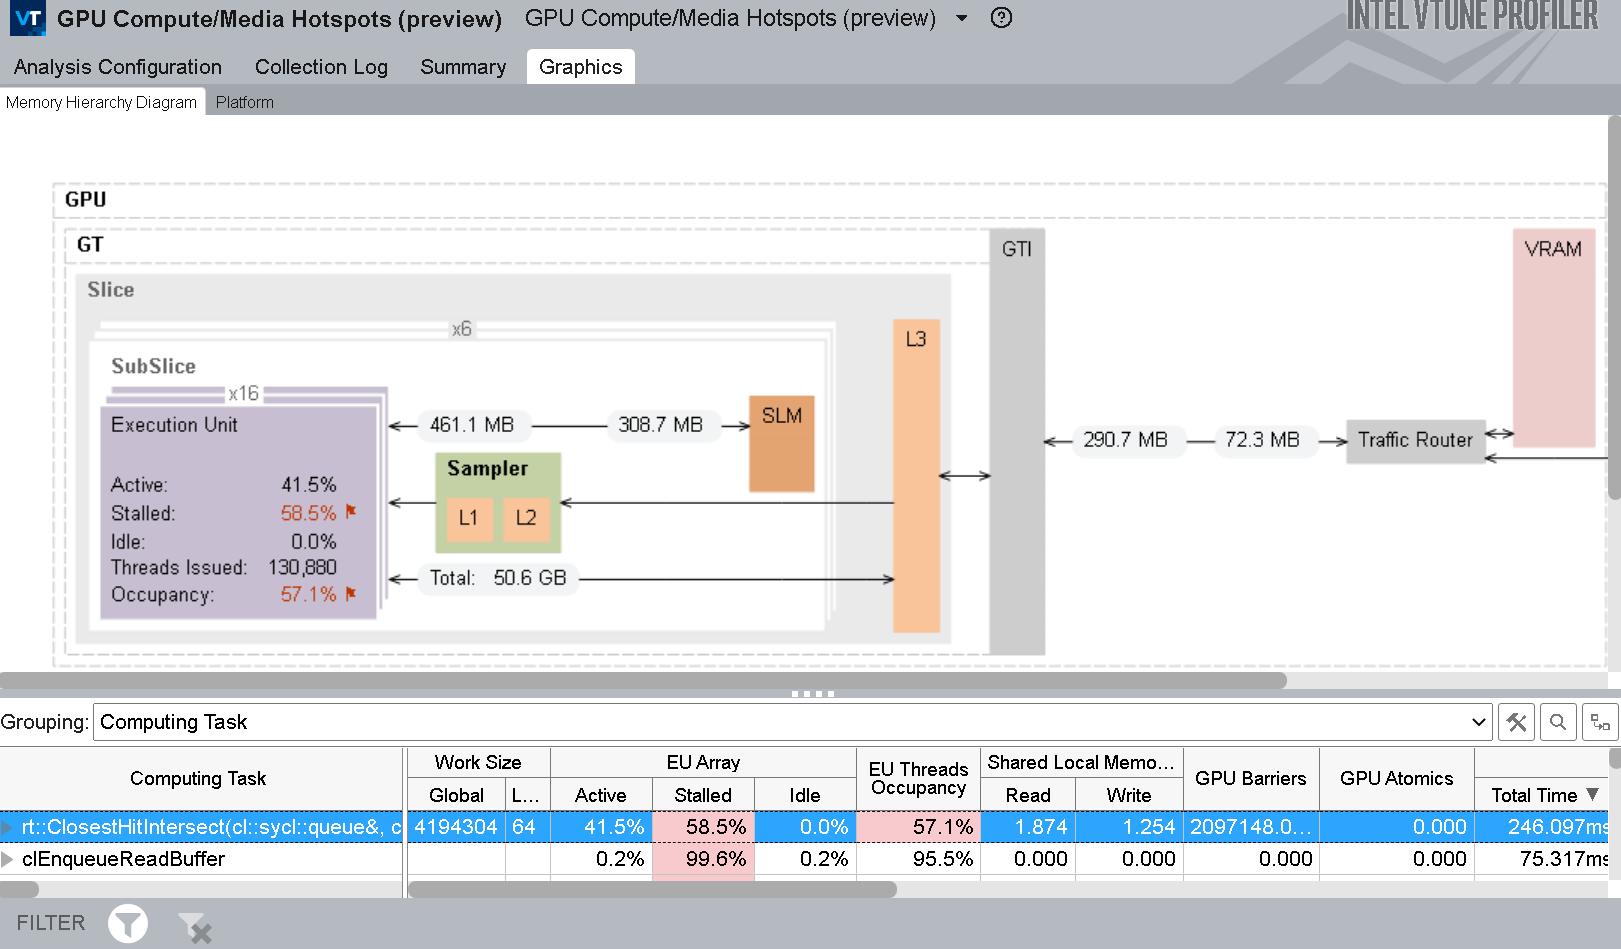 GPU ホットスポット解析のメモリー階層図